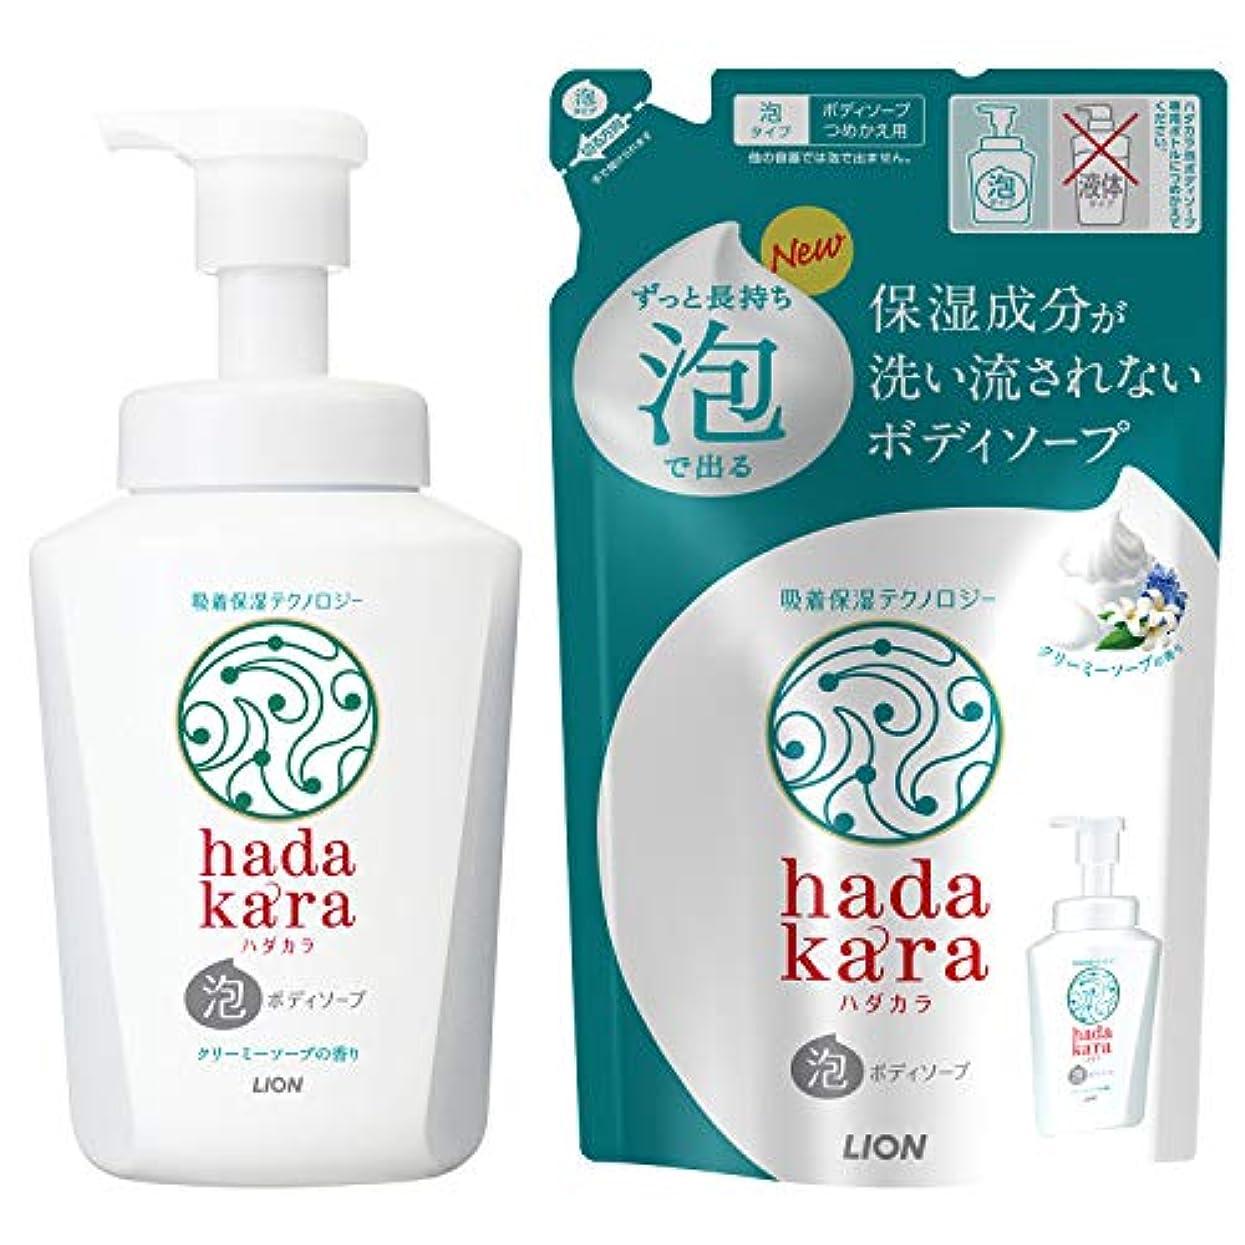 借りるアクティビティコショウhadakara(ハダカラ) ボディソープ 泡タイプ クリーミーソープの香り 本体550ml+詰替440ml